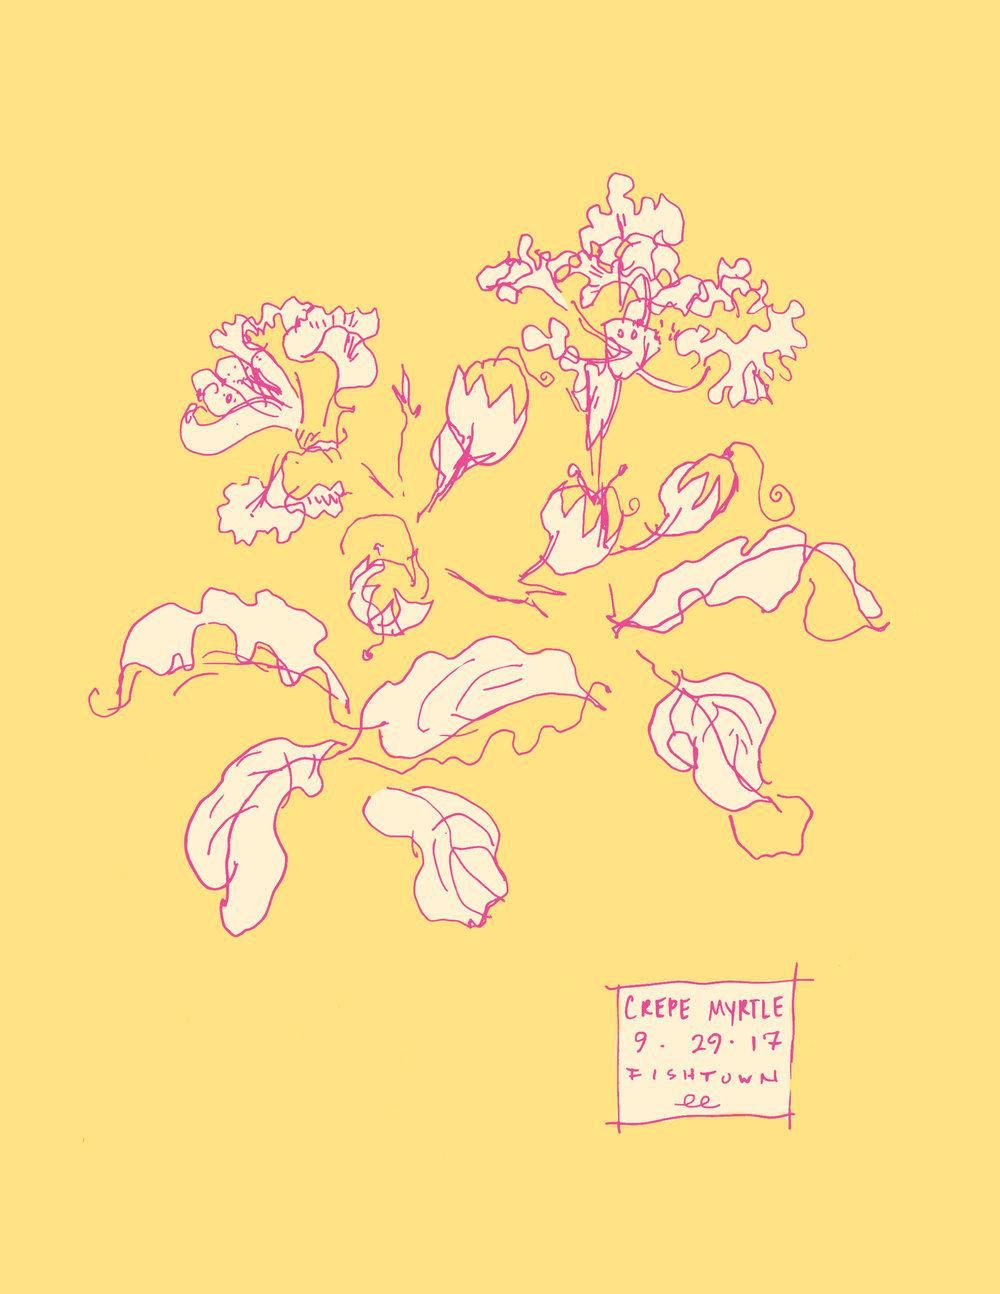 Crepe Myrtle botanical line color illustration